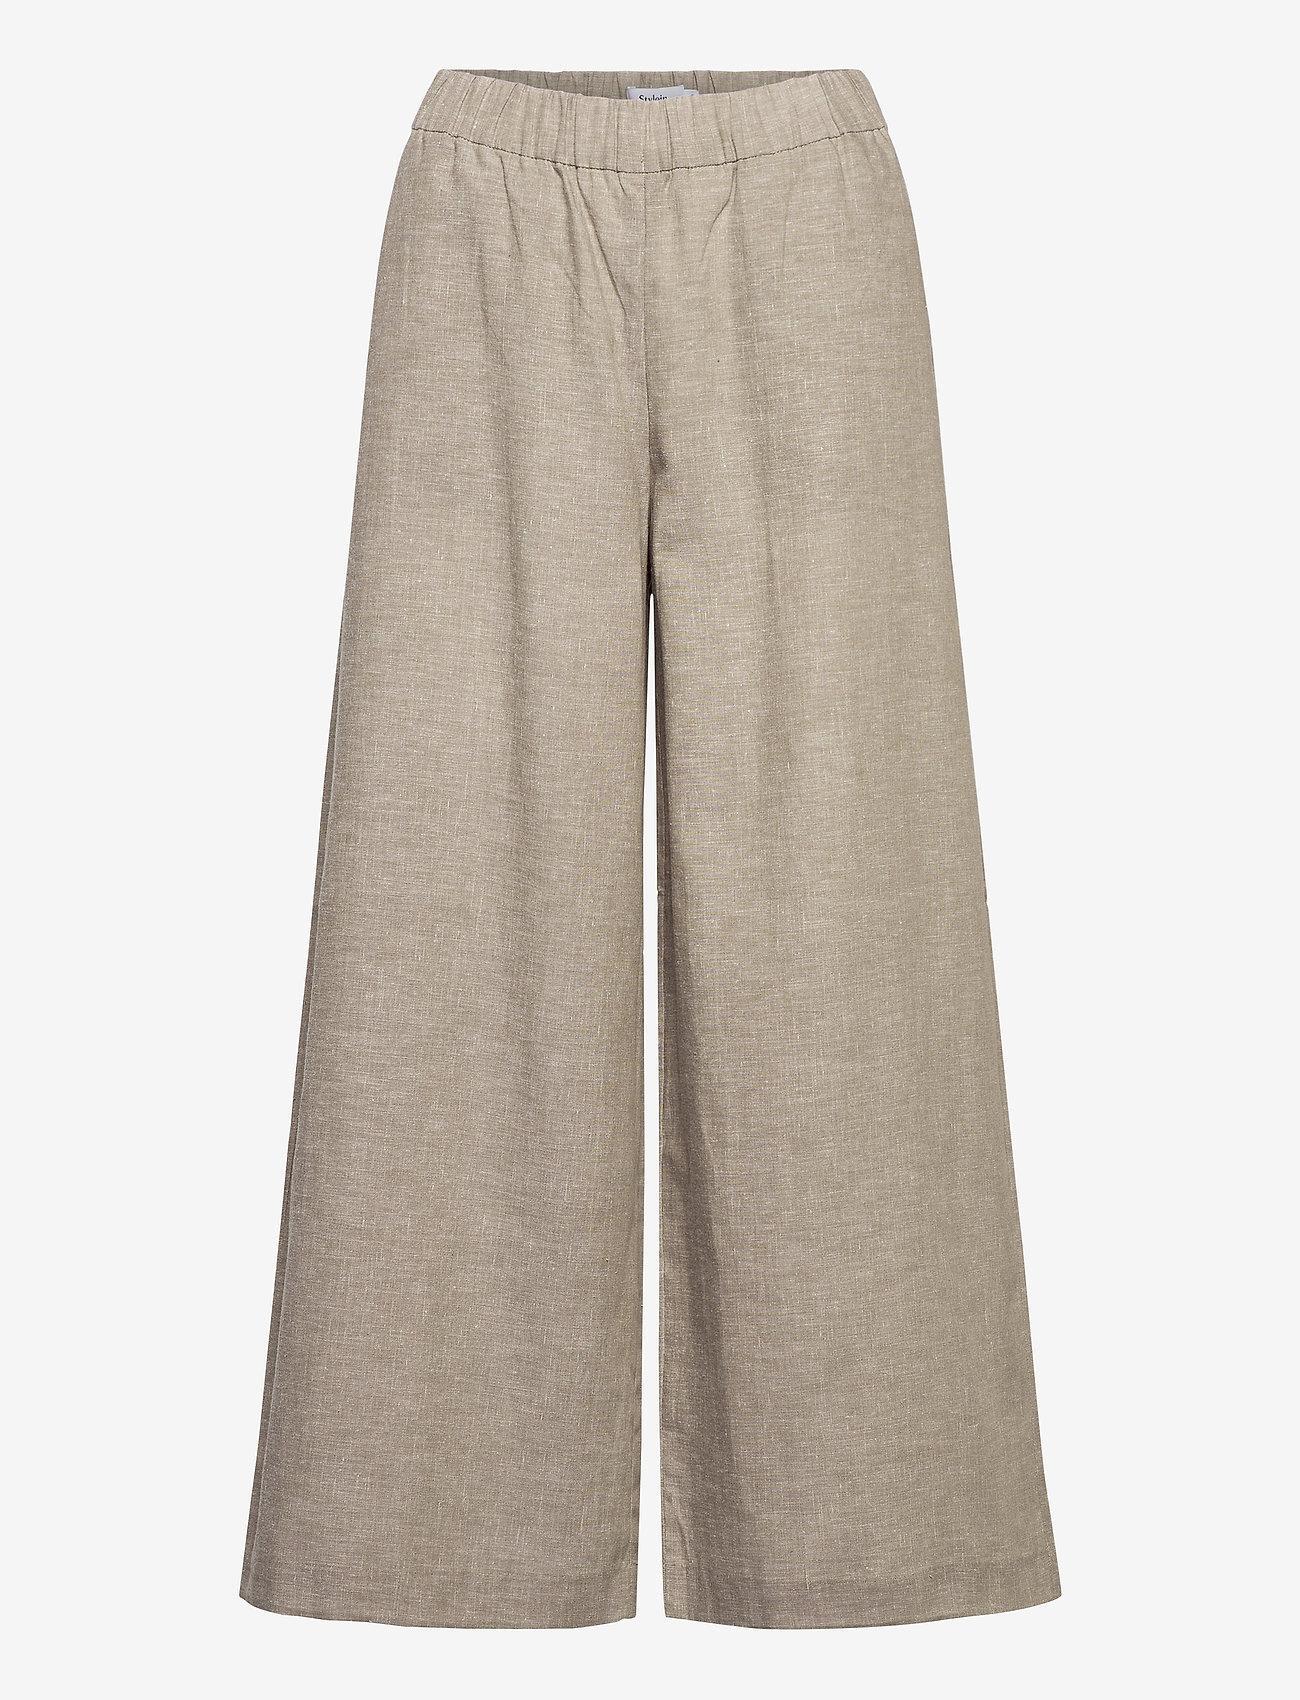 Bridget Trousers (Beige) - Stylein xUTSnu